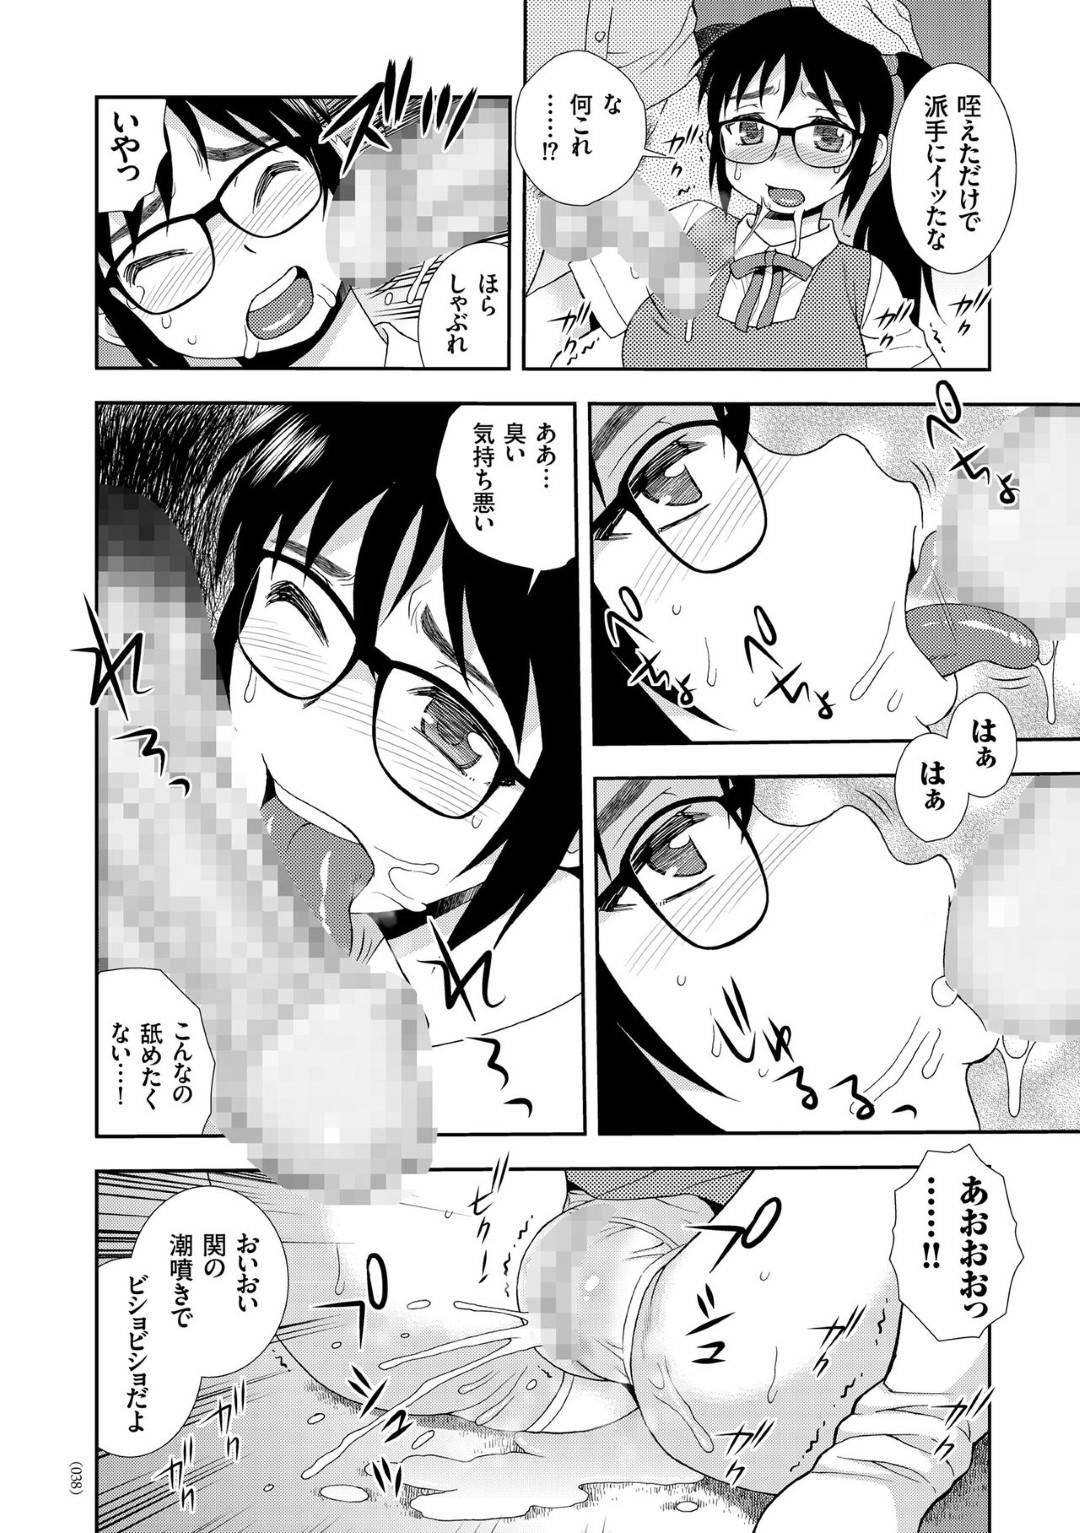 【JK催眠エロ漫画】JKをアパートに連れ込んだ教師は、催眠術にかかったJKにアナルを舐めさせ潮吹きさせると中出しセックスでアクメさせる【しのざき嶺】